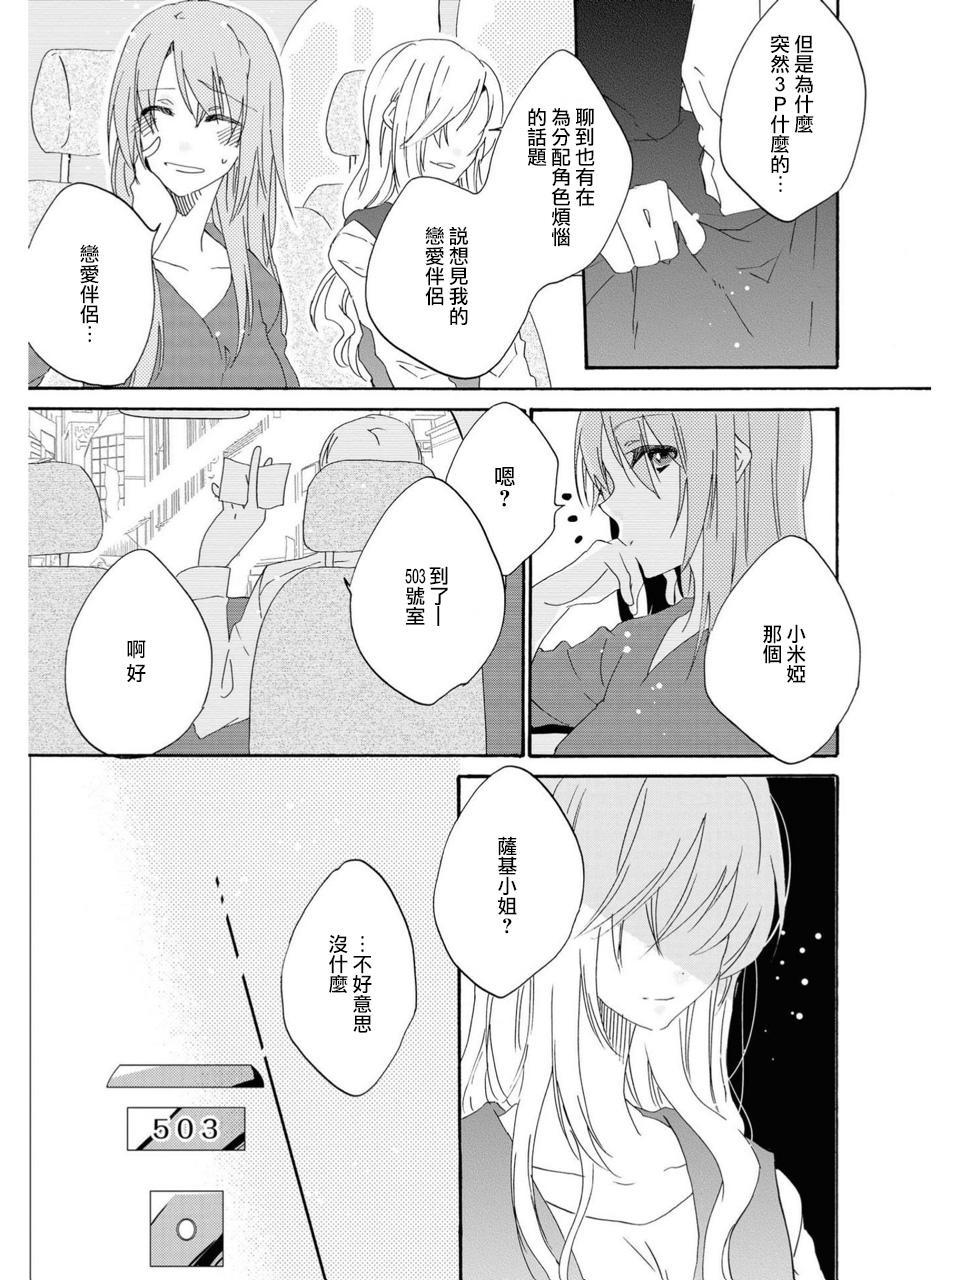 Sayonara, Shirayuki Hime   再见、白雪公主 10